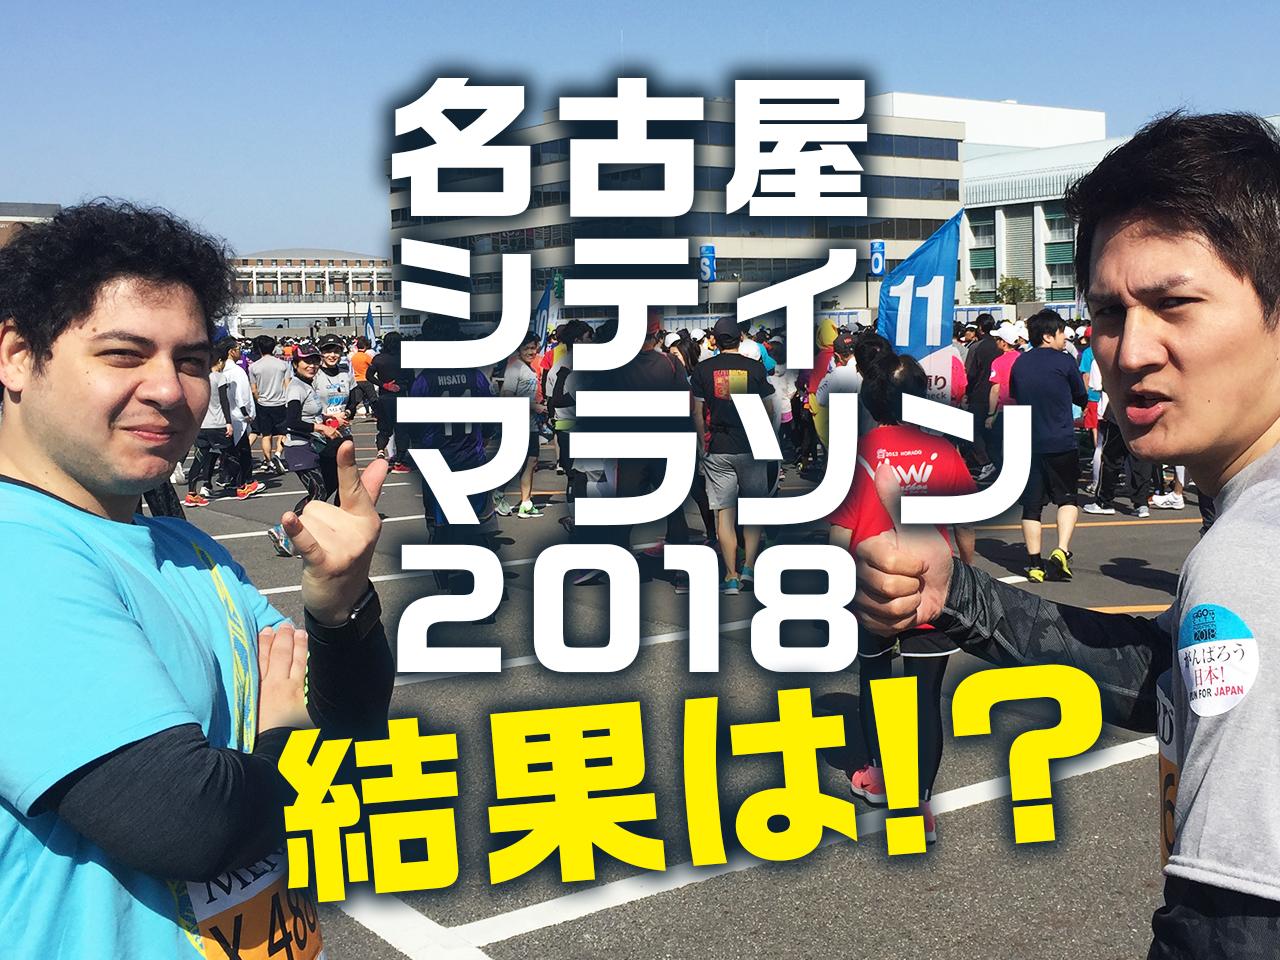 名古屋シティマラソン2018を振り返る…